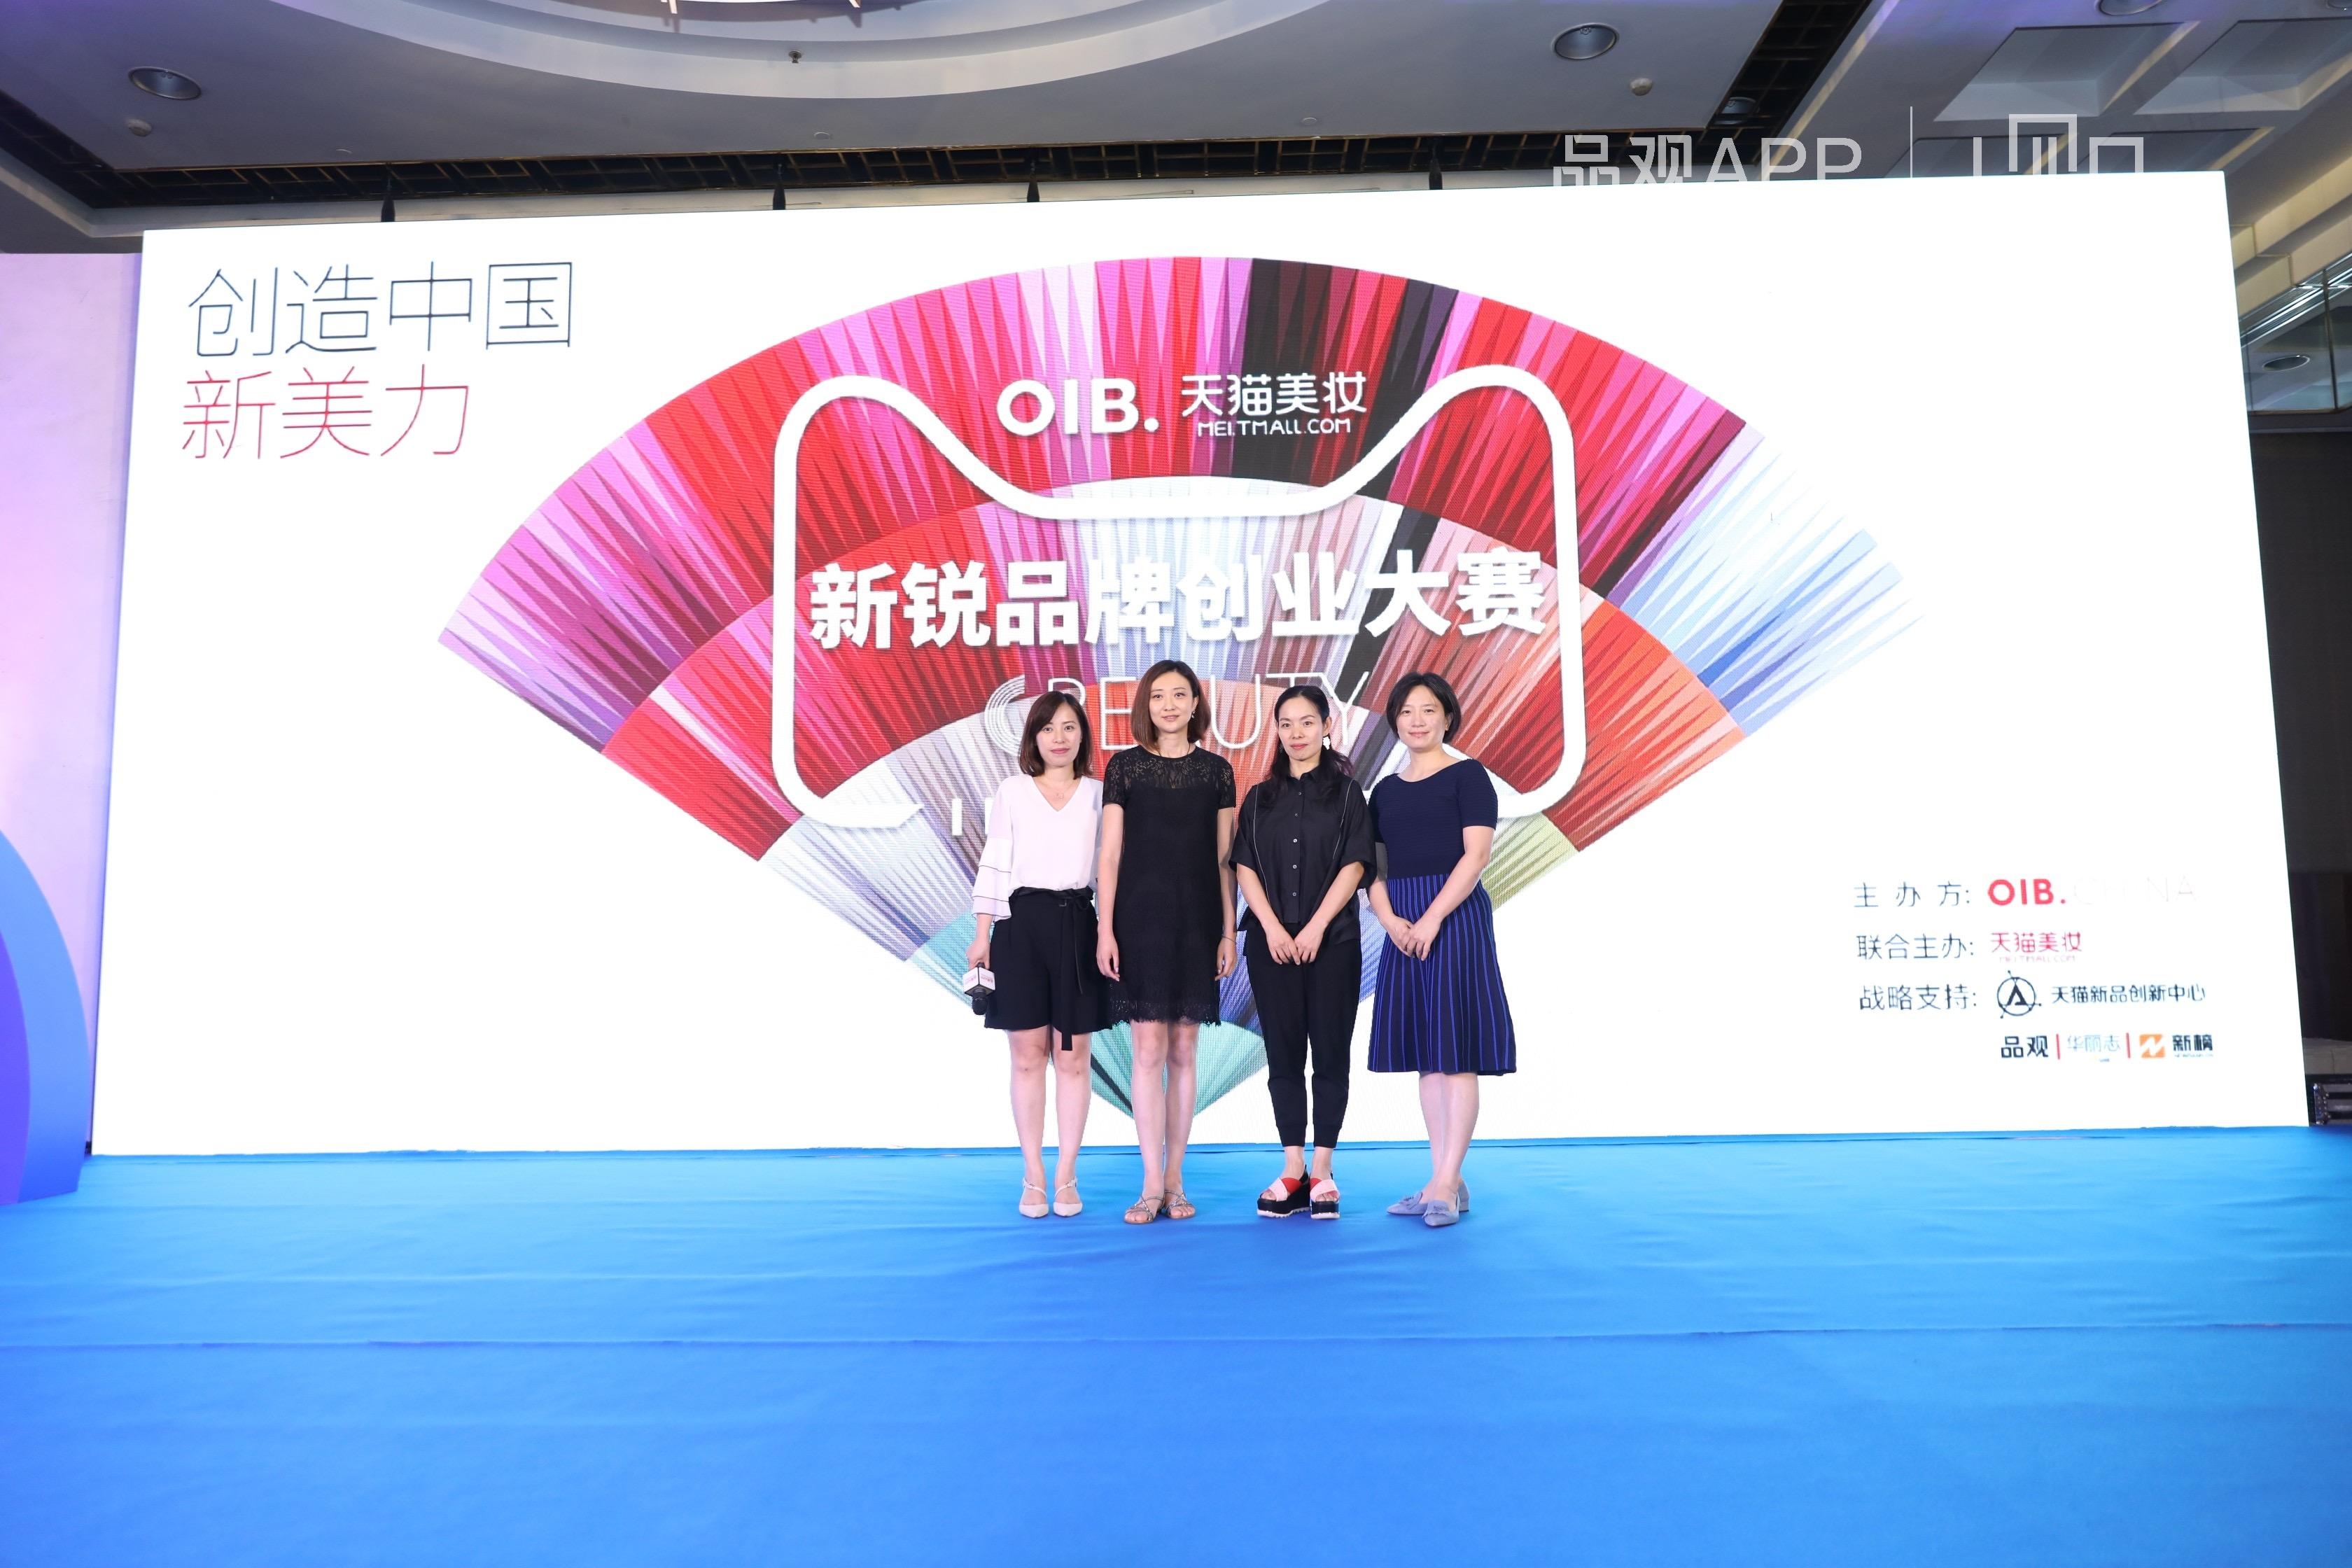 OIB×天猫美妆启动新锐品牌创业大赛,打造品牌孵化新模式